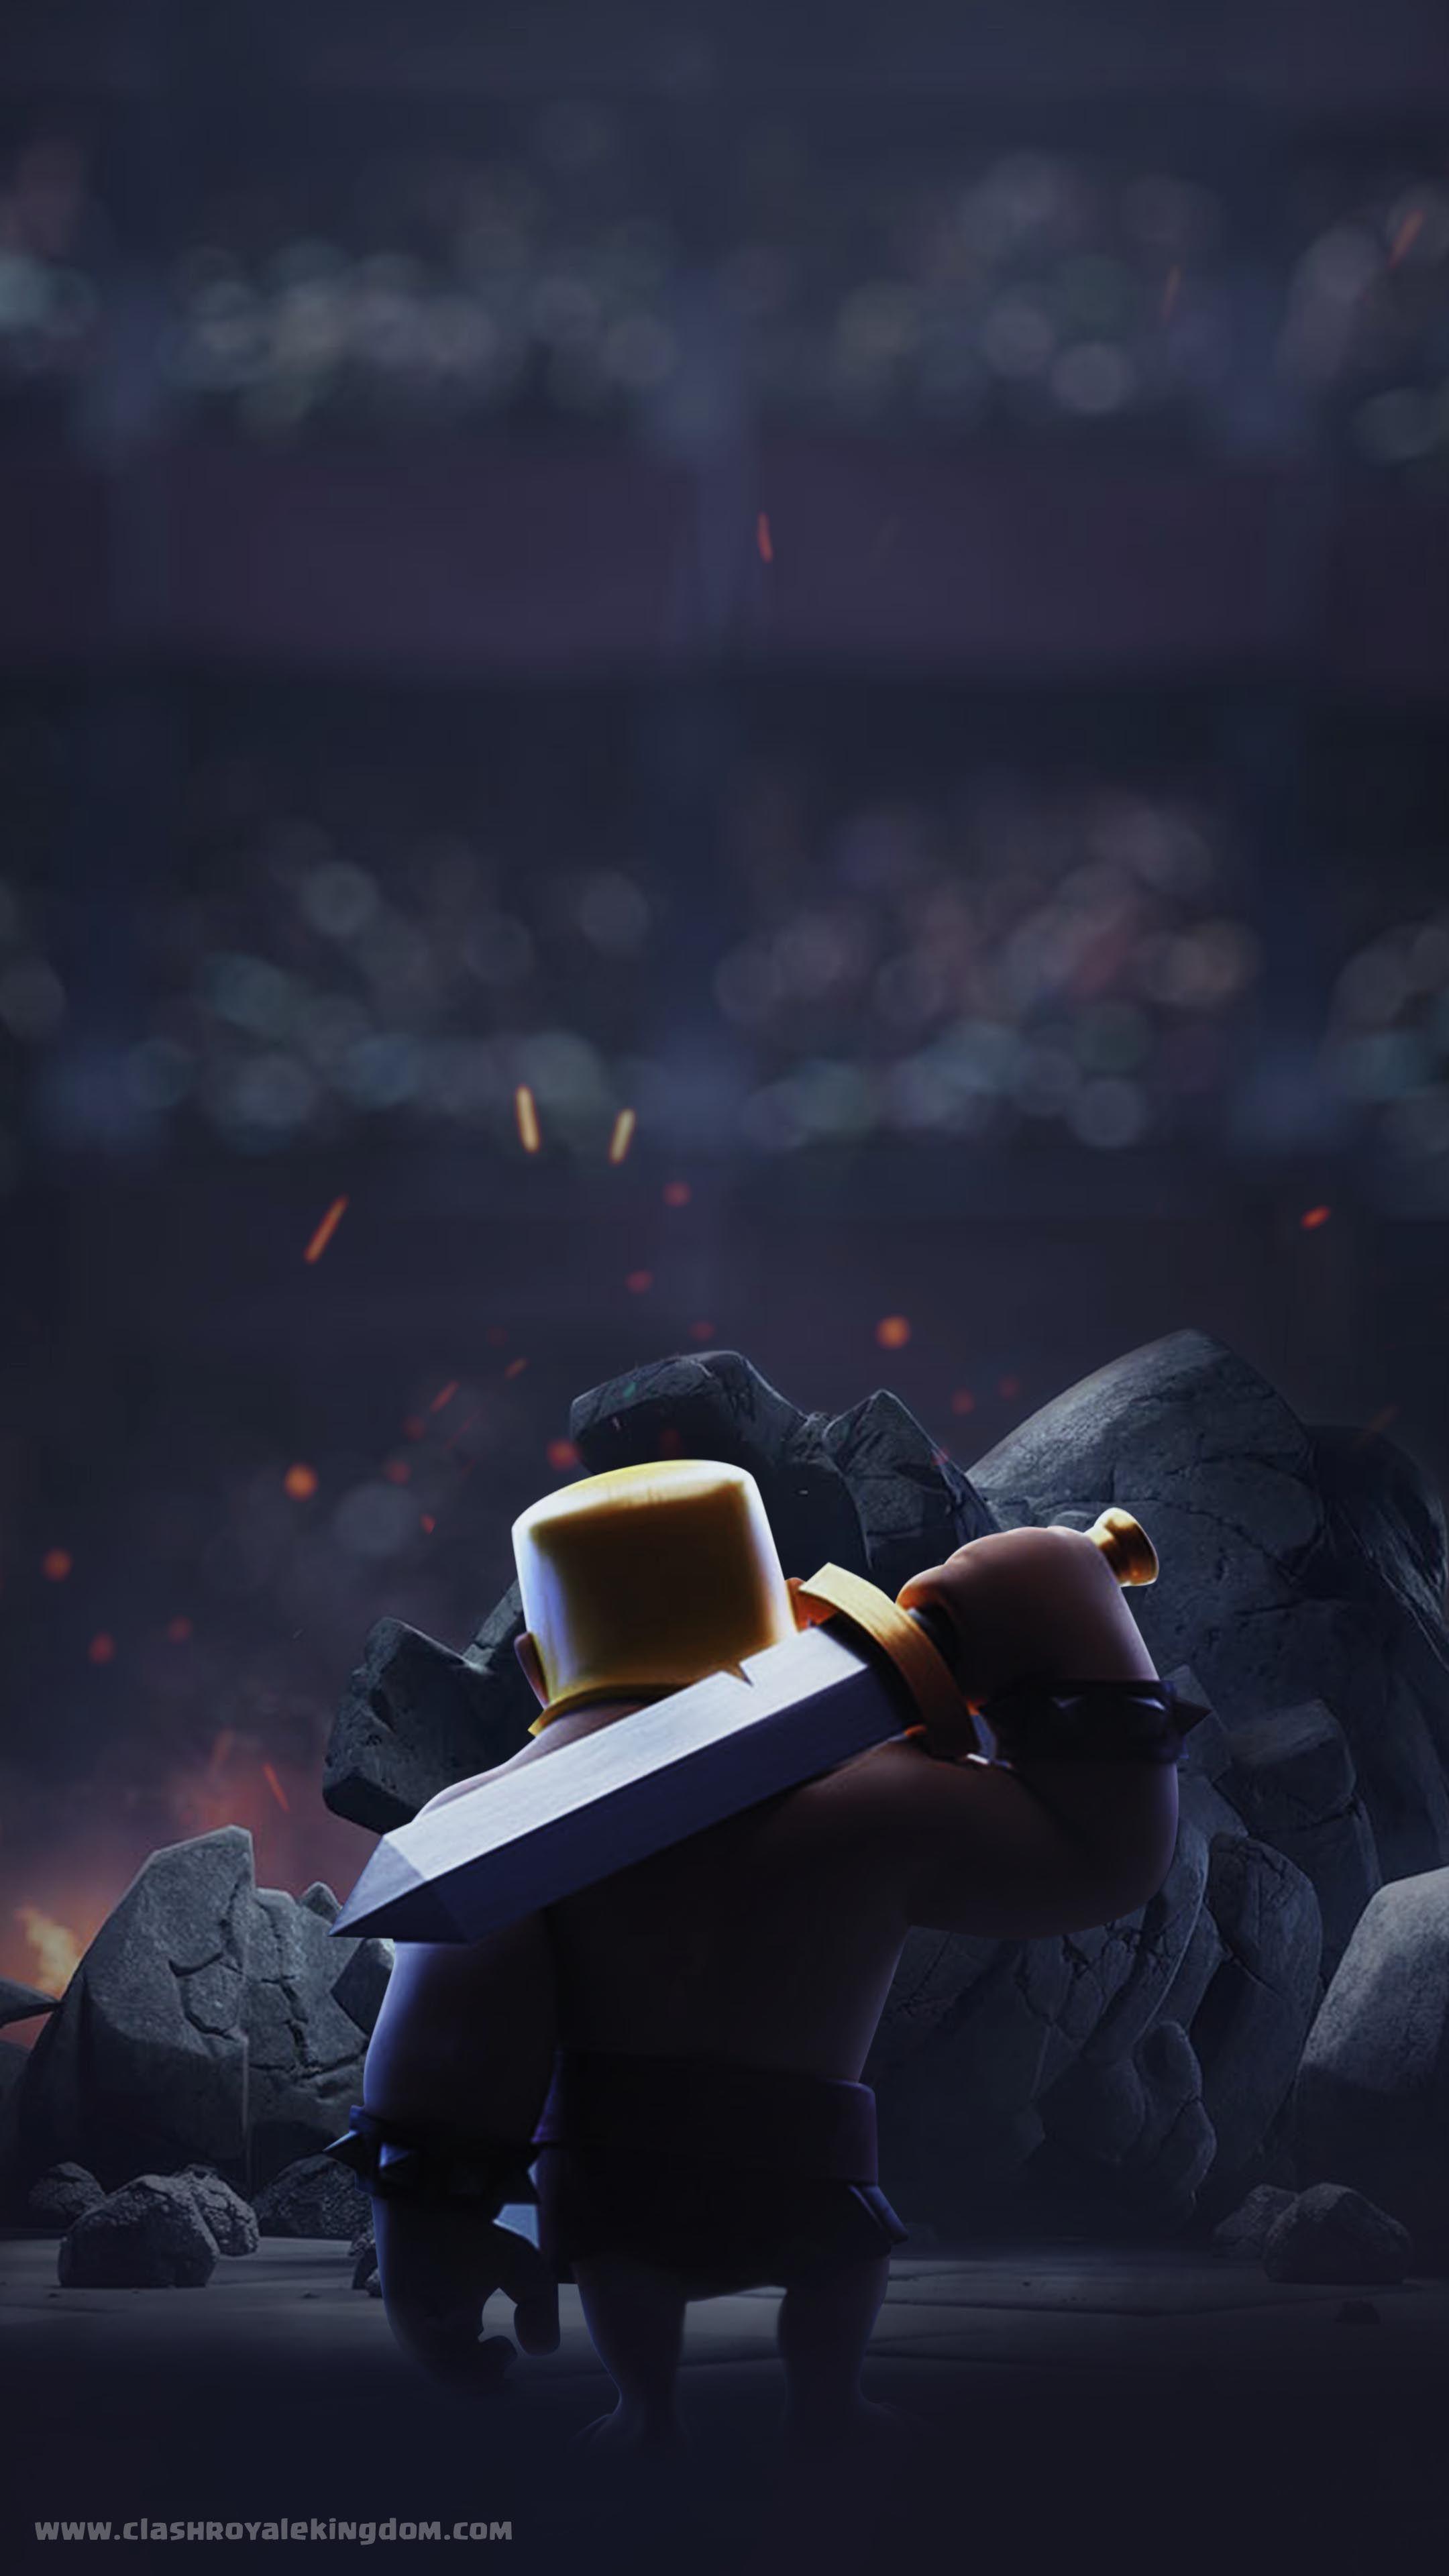 クラッシュオブクラン C R Supercell の画像 投稿者 J Zi